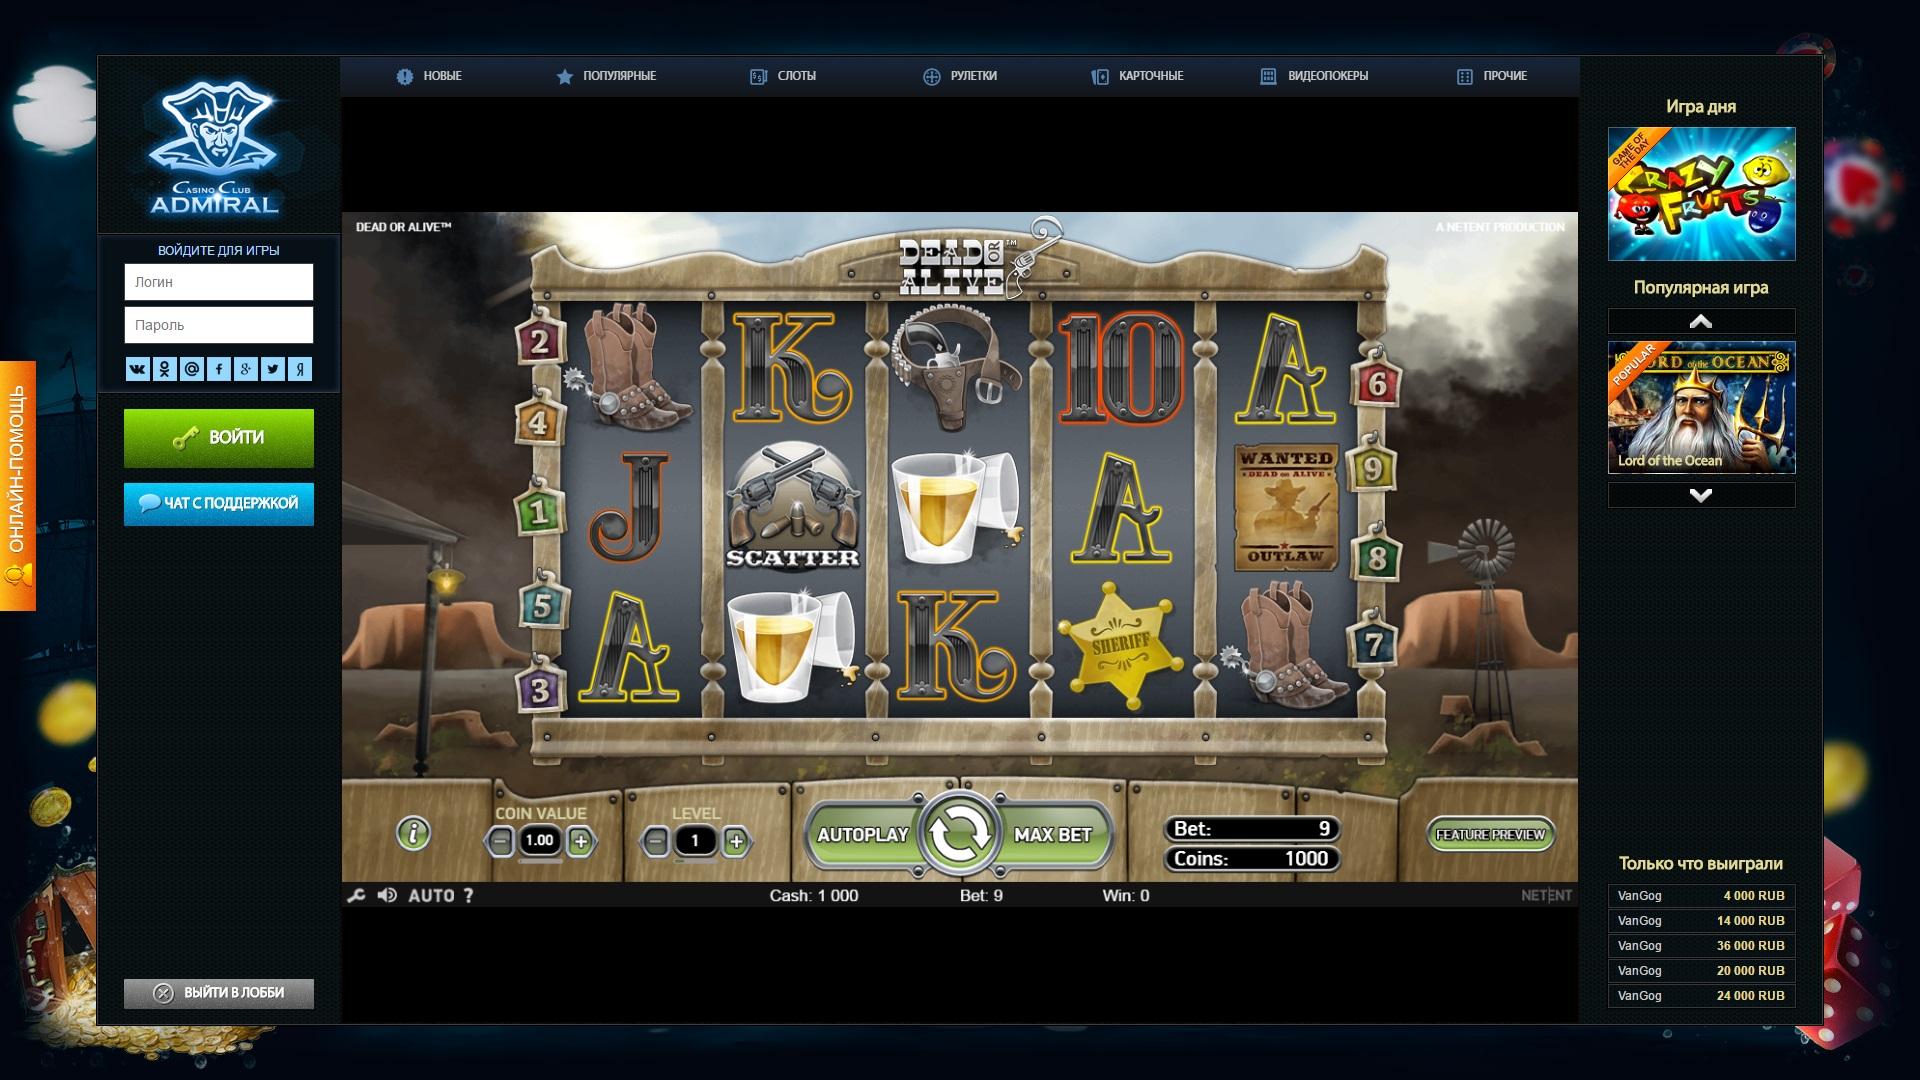 Скрипт онлайн казино с админкой обновлено 2013 казино 777 играть онлайн бесплатно